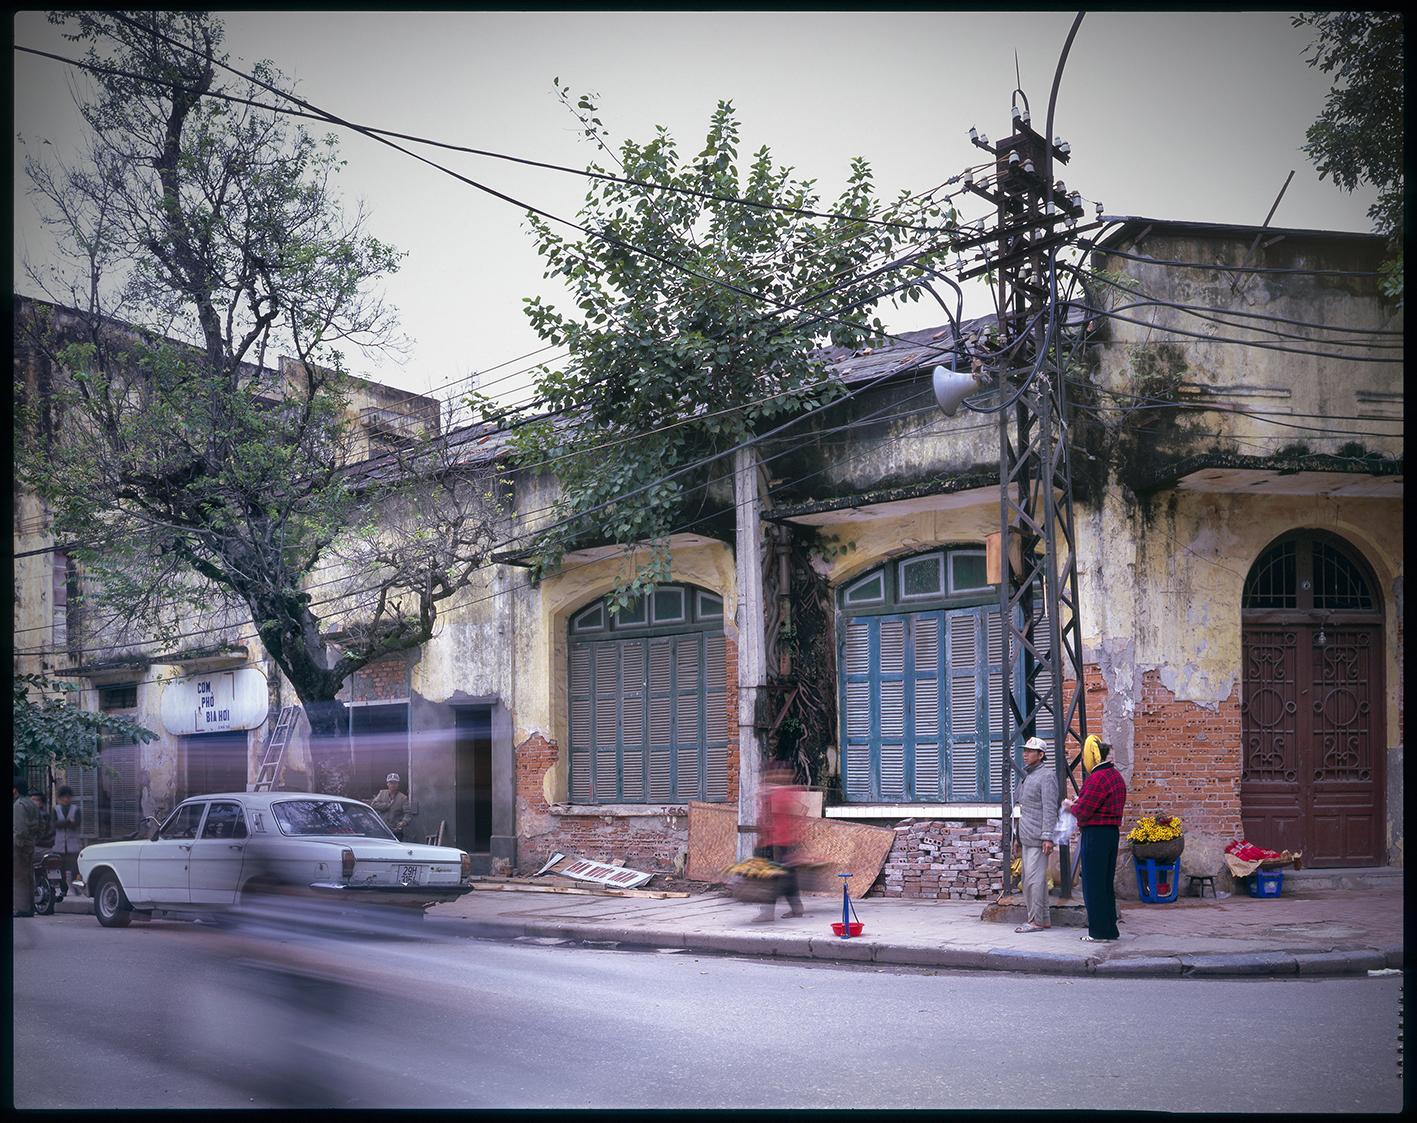 Nha Tho Hanoi 2003